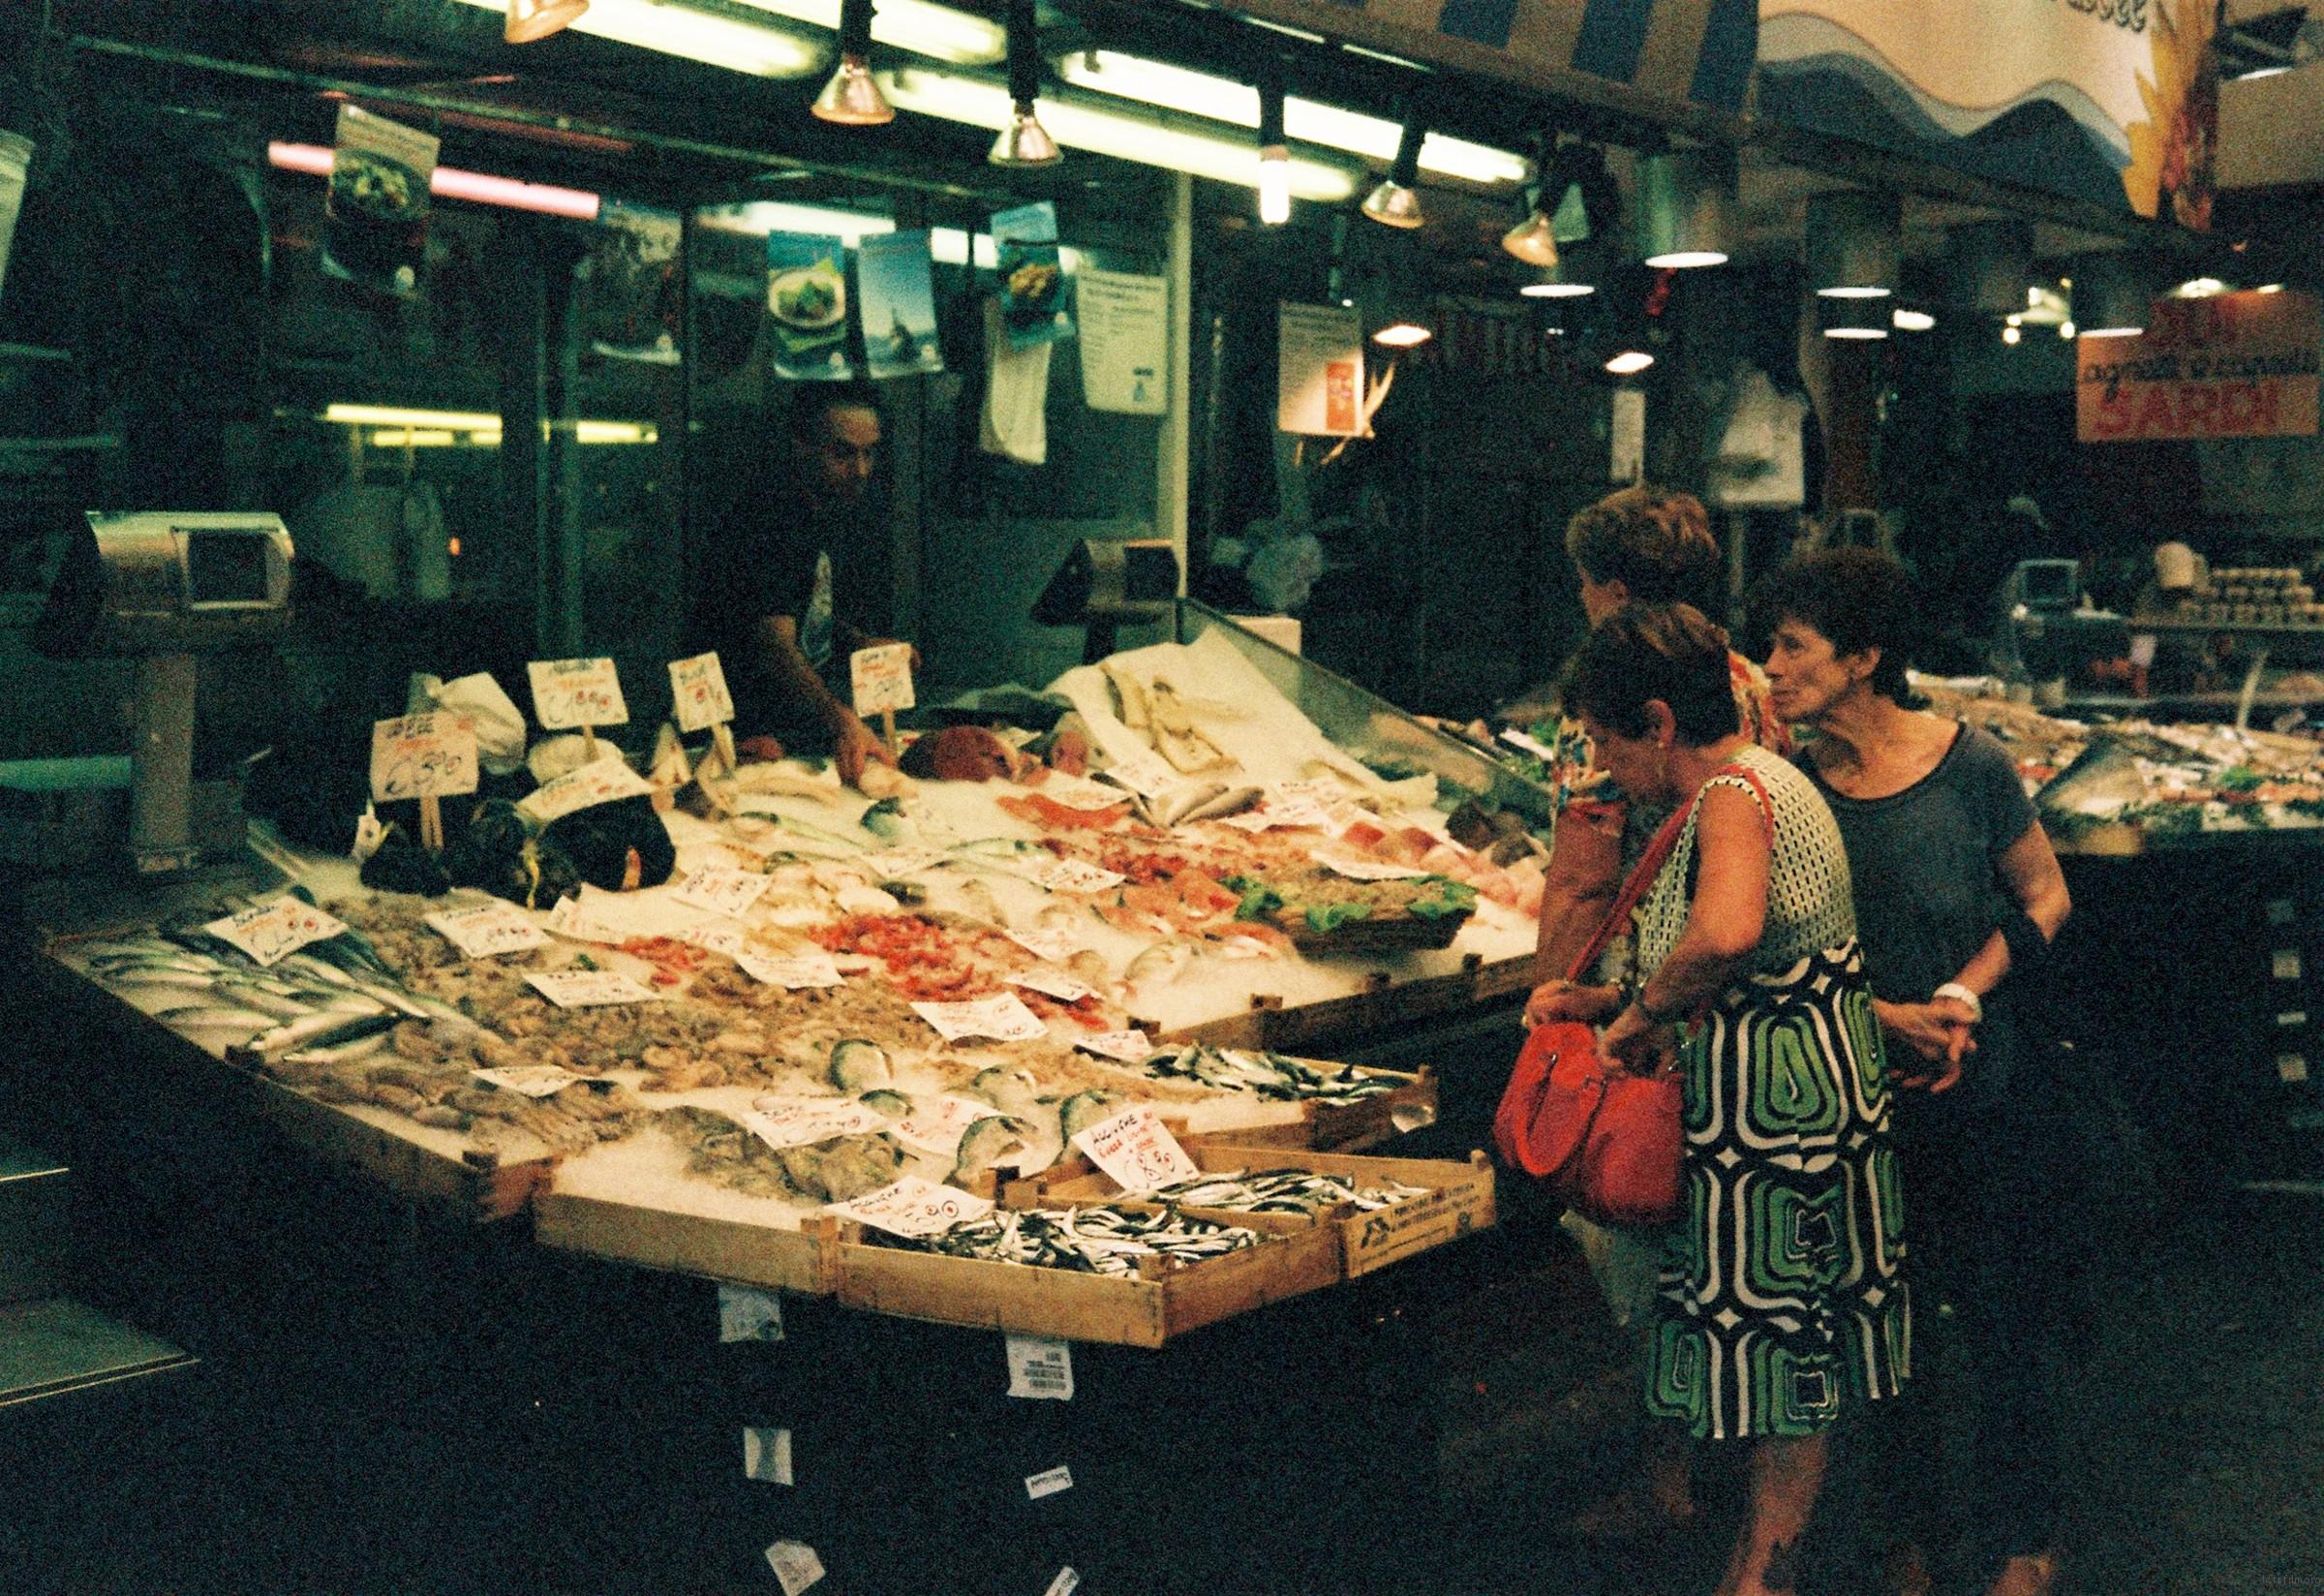 海鲜市场里的贝壳烟灰缸